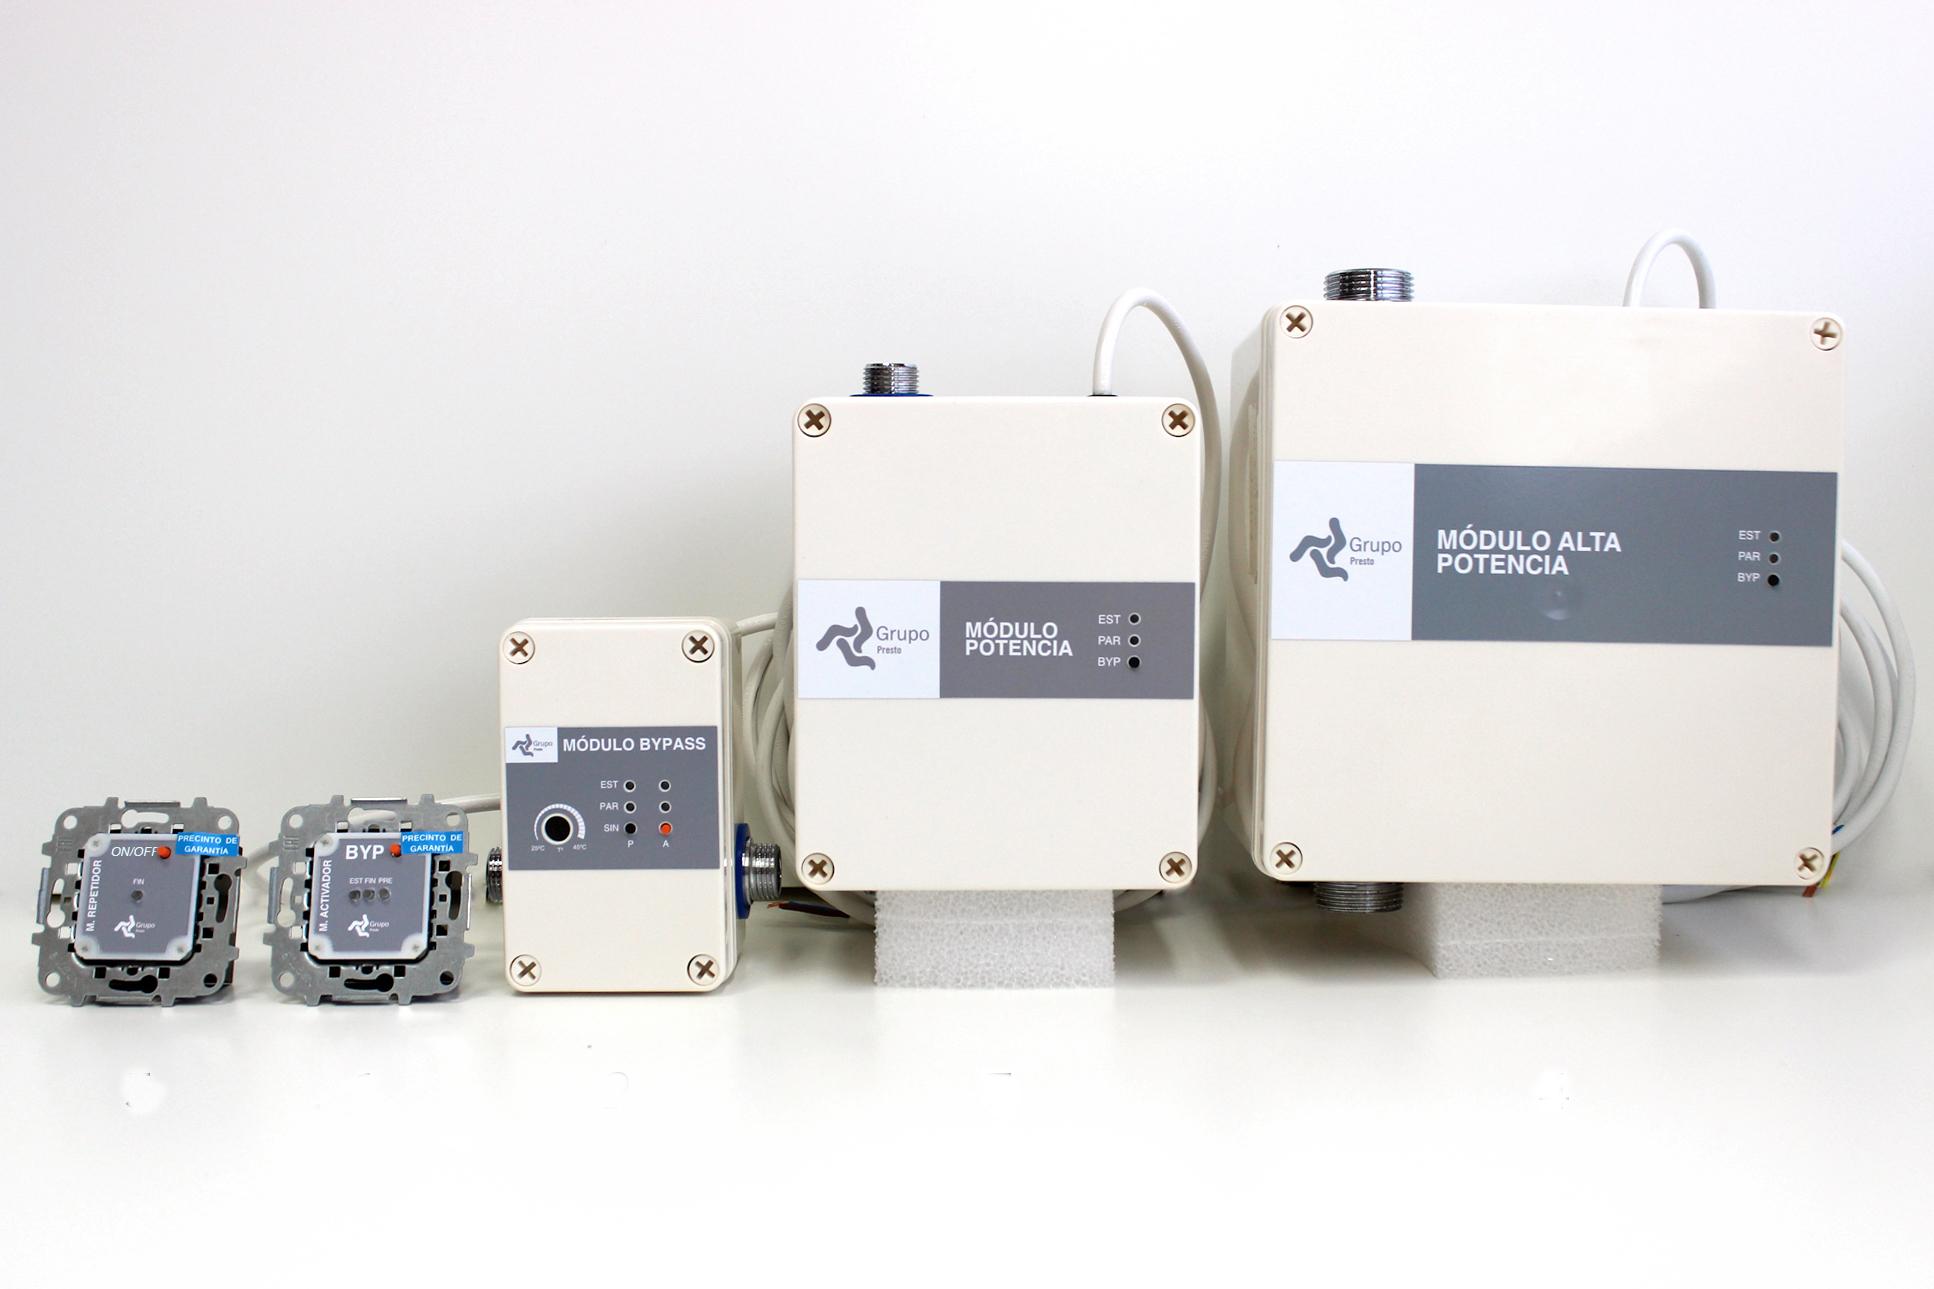 Tecnología domótica de ahorro de agua NESS 2018, desarrollo de producto, ingeniería, innovación, I+D+i.